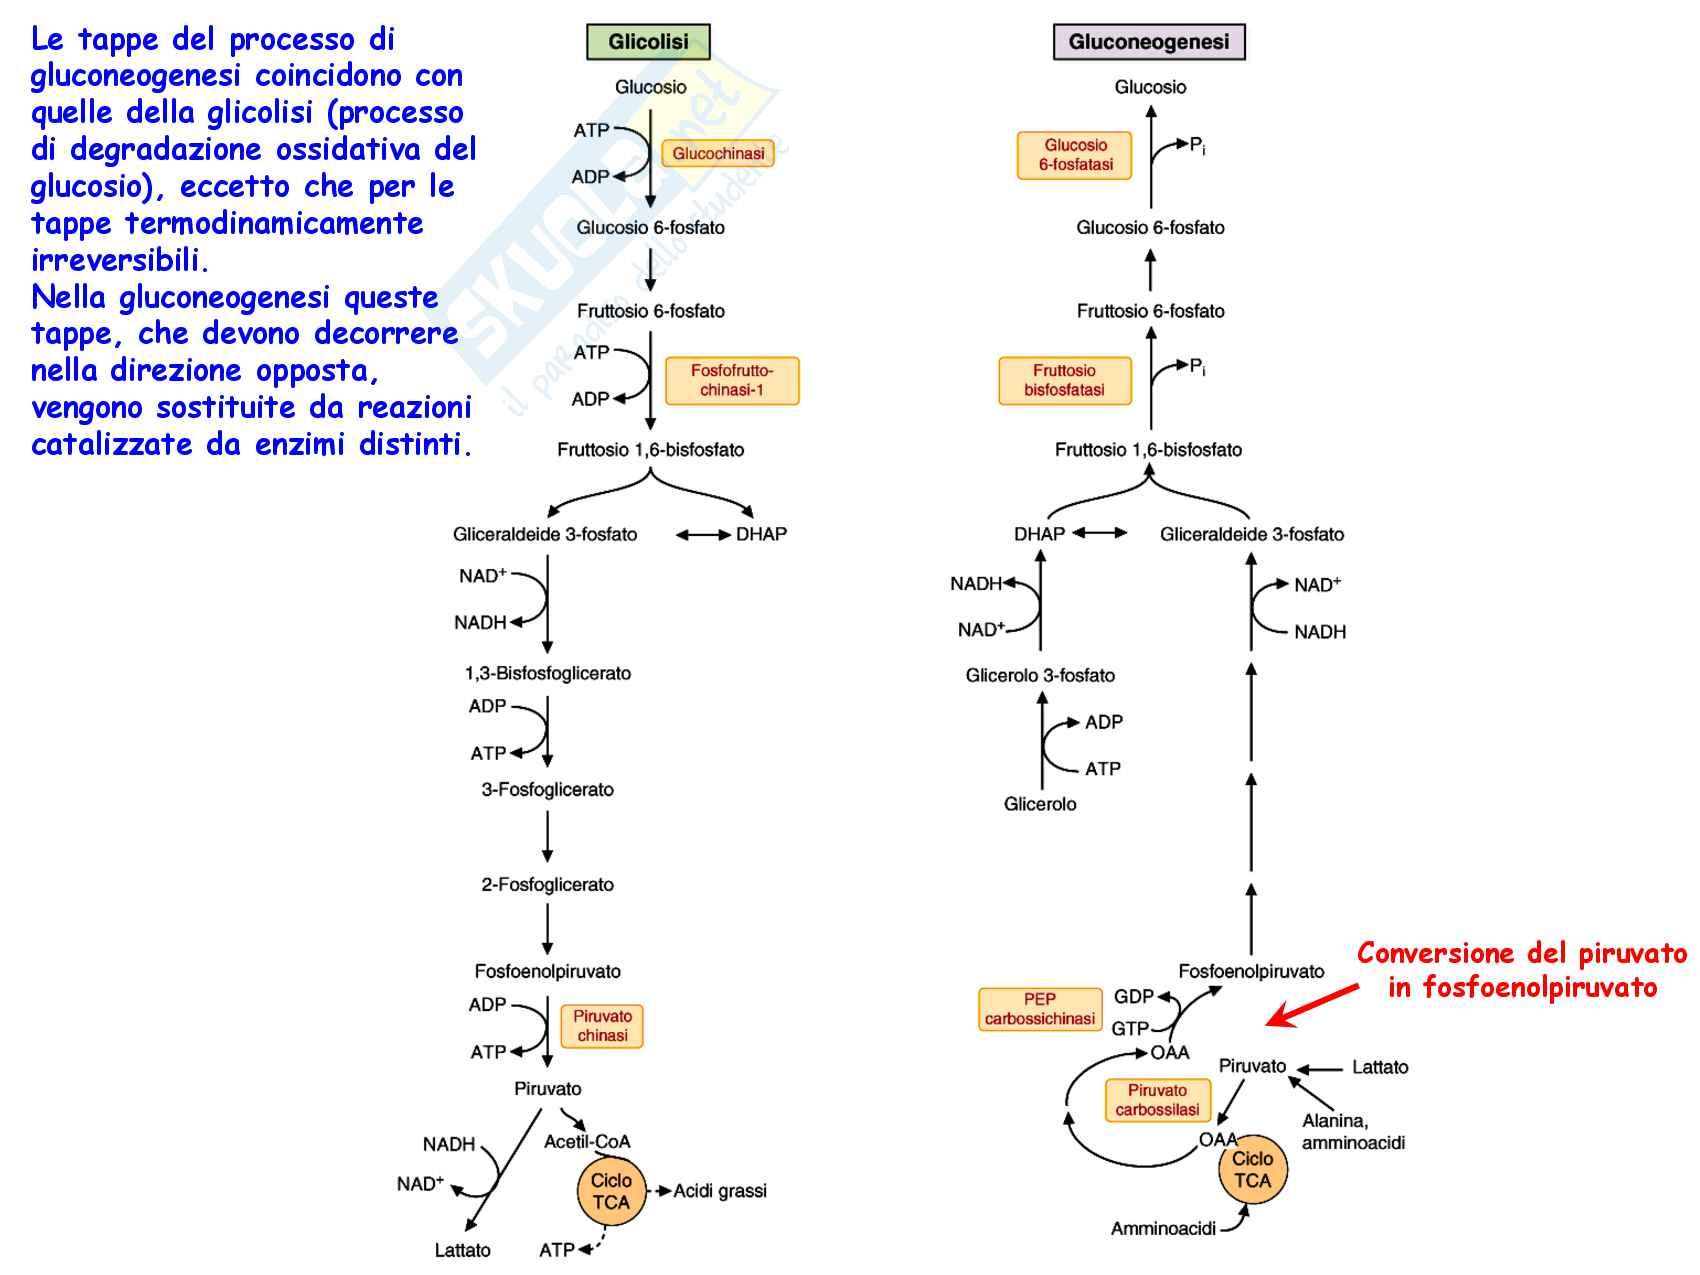 8 Gluconeogenesi, precursori, reazioni chimiche, regolazione e funzioni Pag. 11